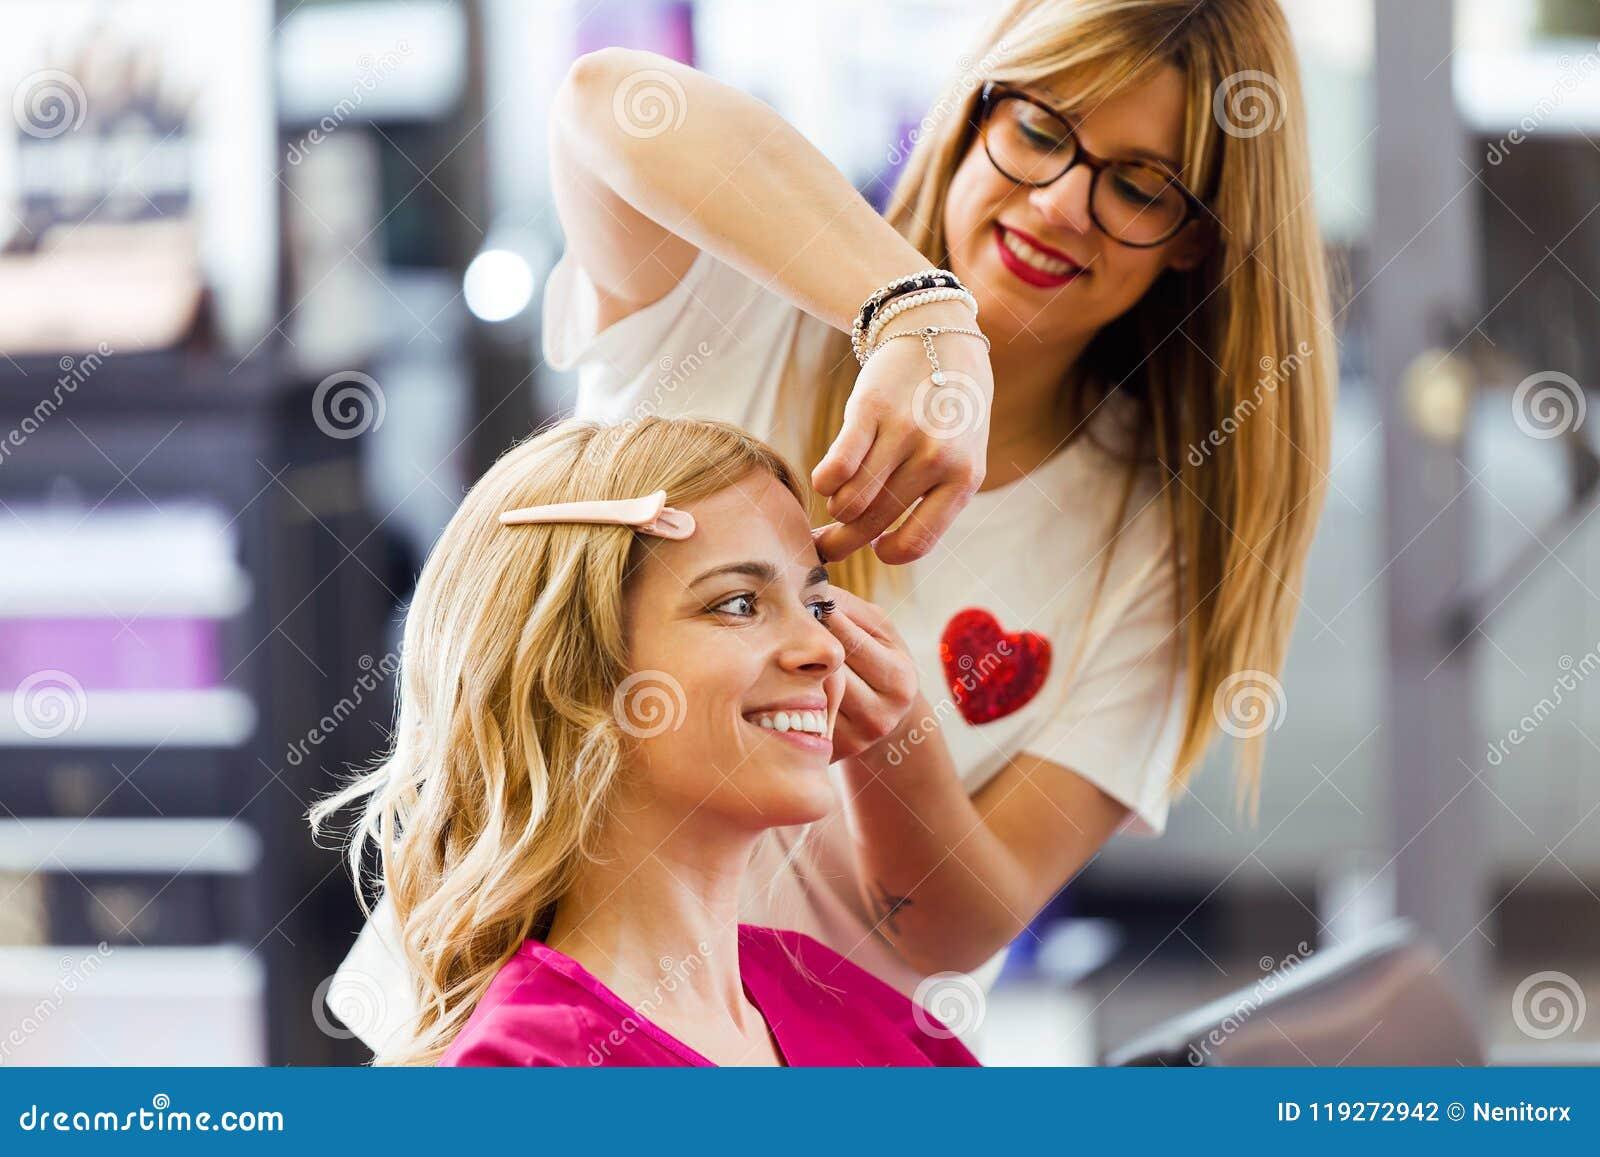 Peluquero bastante joven que hace el peinado a la mujer linda en el salón de belleza